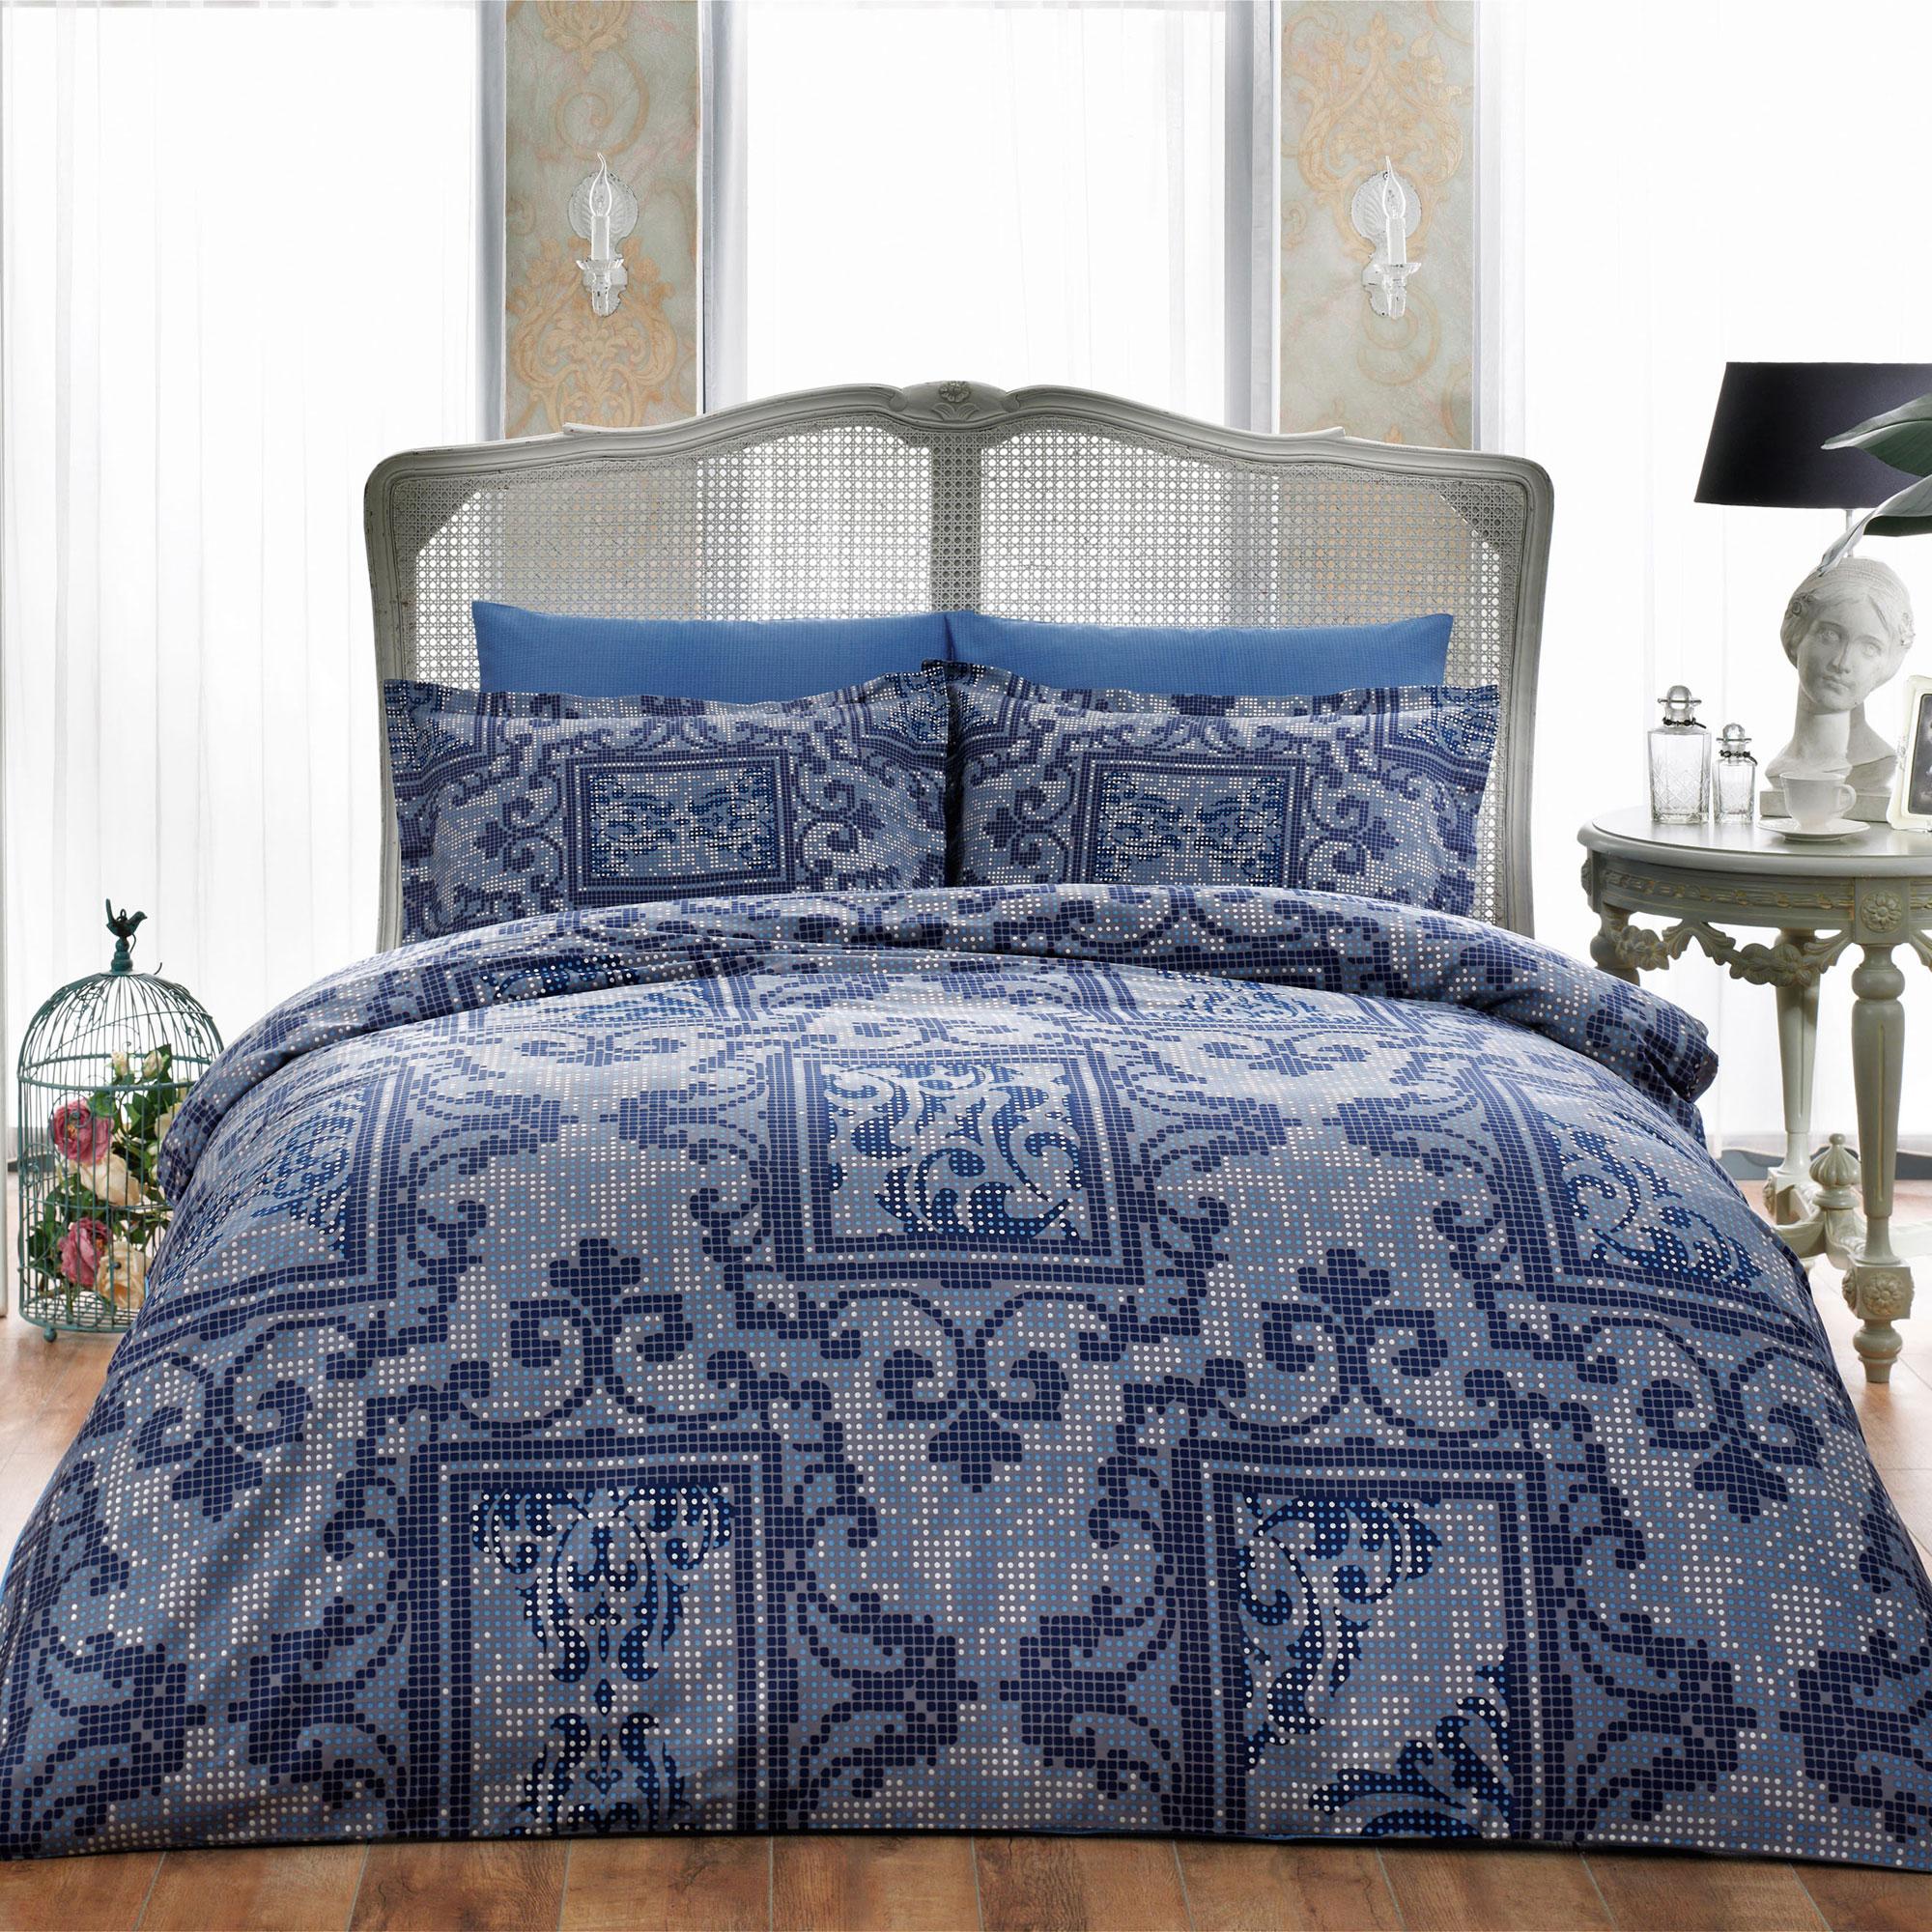 Постельное белье TAC Постельное белье Grant Цвет: Темно-Синий (2 сп. евро) постельное белье tac в спб